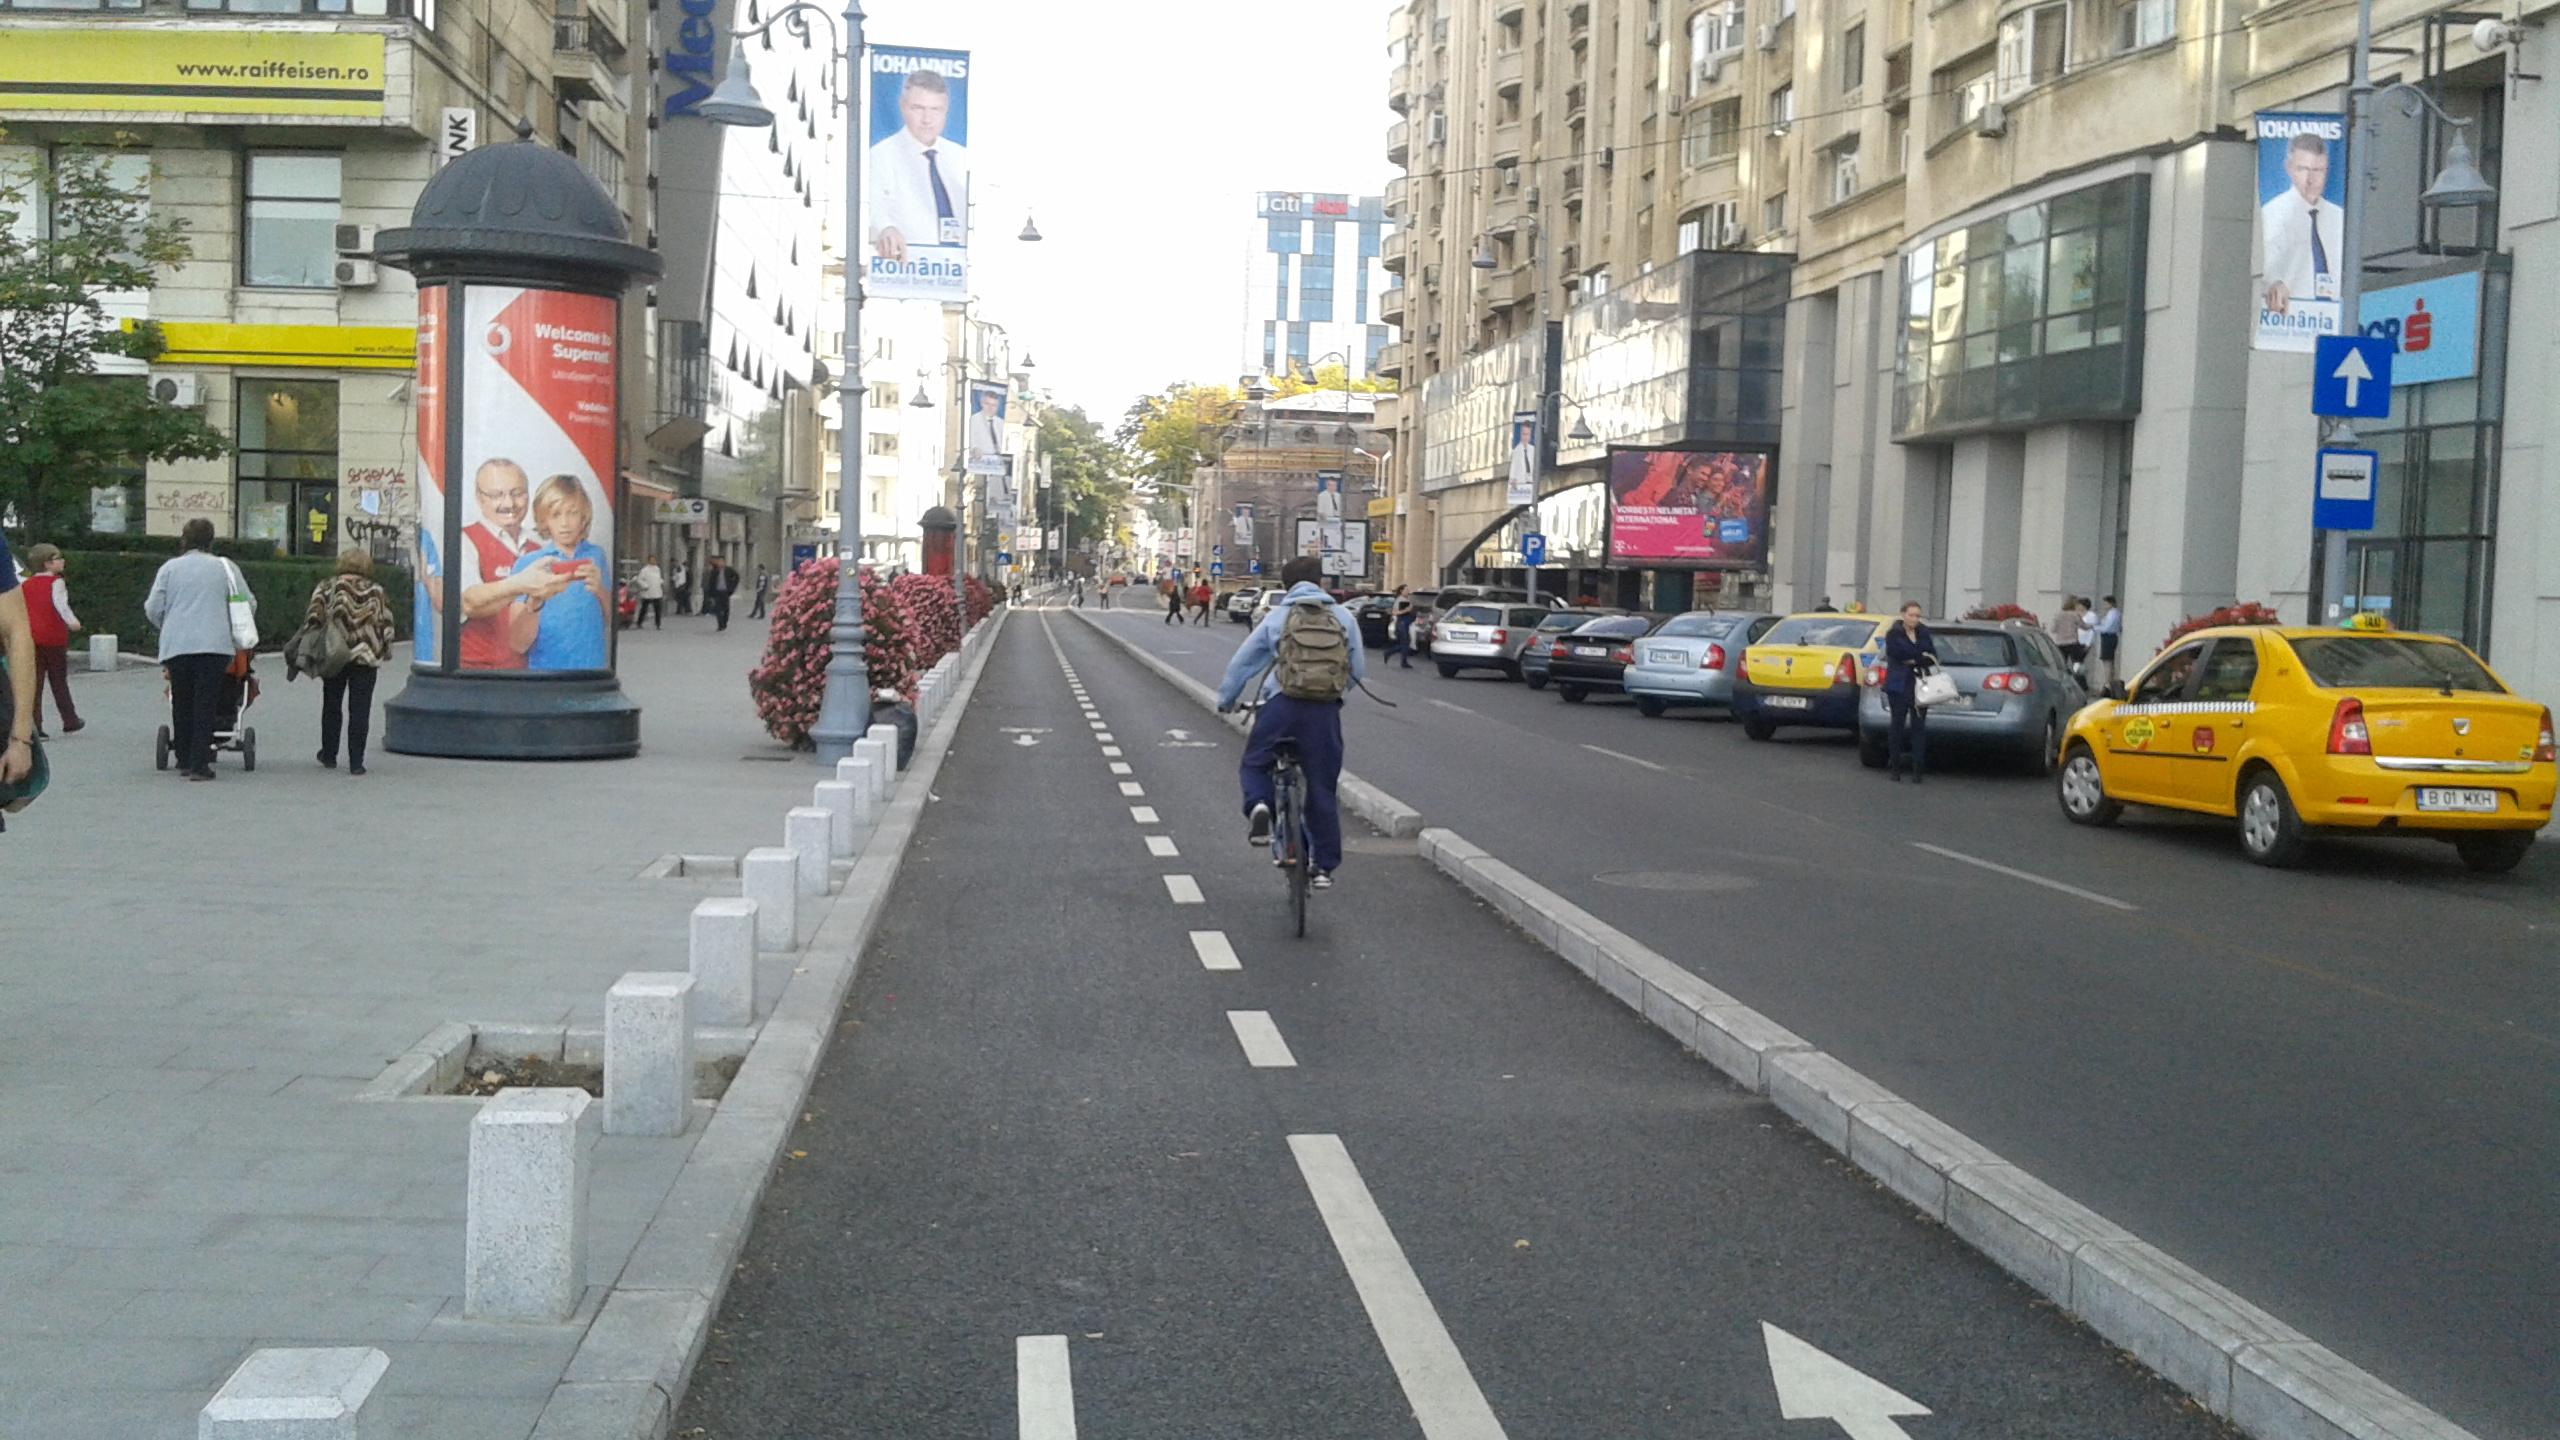 Kerékpárvásárlást támogat az önkormányzat